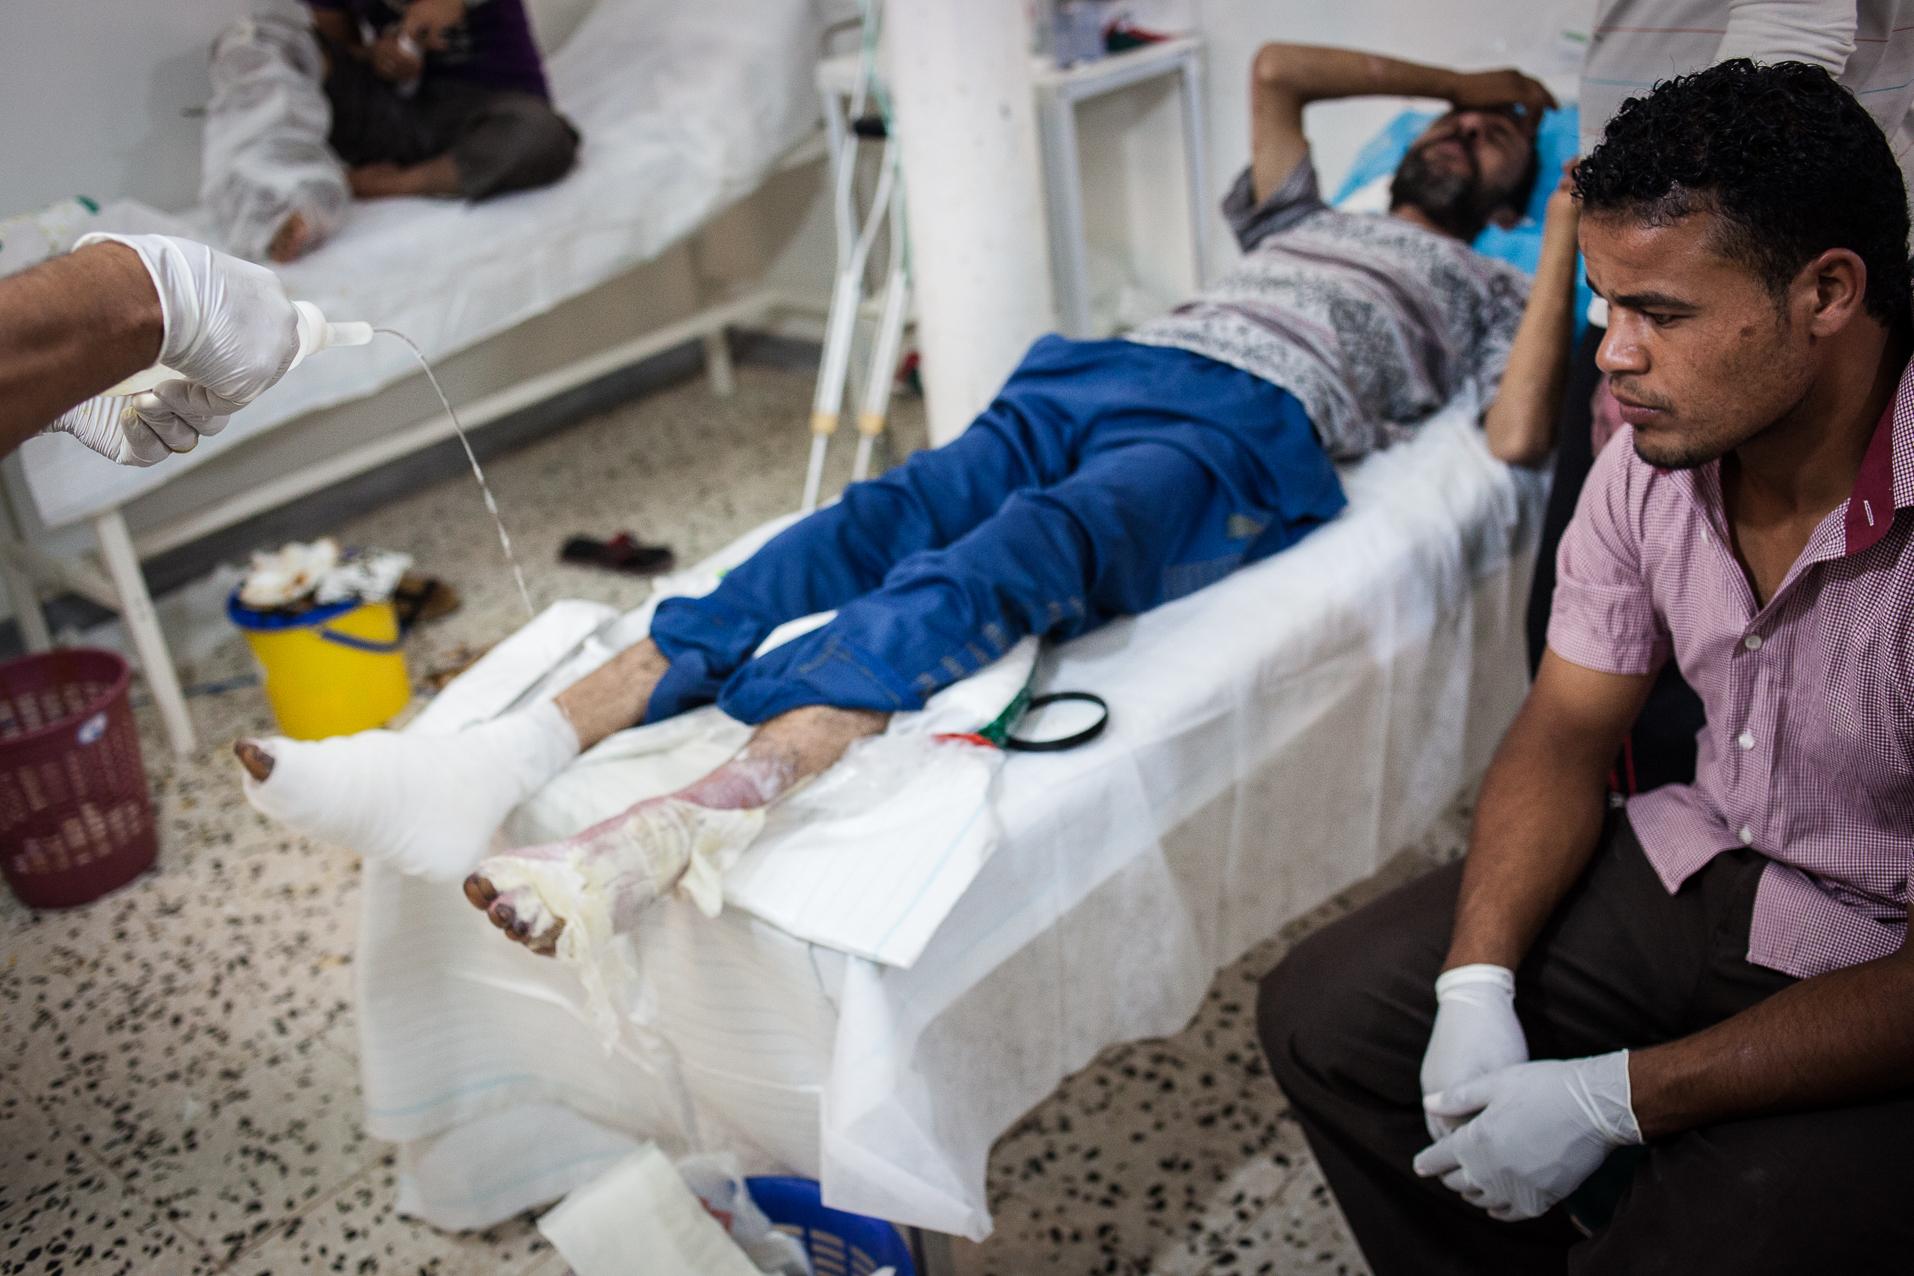 Cheguiga, Juillet 2012. Dans un hôpital mal équipé, les victimes des bombardements de la ville de Cheguiga sont soignées par des infirmiers (pas de médecin sur place). Les membres de la tribu des Machachia sont encore accusés par la brigade de Zenten d'être fidèles au régime de Kadhafi. De leur côté, les Machachia accusent les brigades de Zenten de les bombarder sans raison valable et d'utiliser des armes chimiques (gaz).  Cheguiga, July 2012. In a poorly equipped hospital, victims of bombing in Cheguiga City  are cared for by nurses (no doctor on site). Members of the Machachia tribe are still accused by  Zenten Brigades to  be loyal to the Gaddafi regime. For their part, the Machachia accuse the Zenten brigades  to bomb unnecessarily and use of chemical weapons (gas).